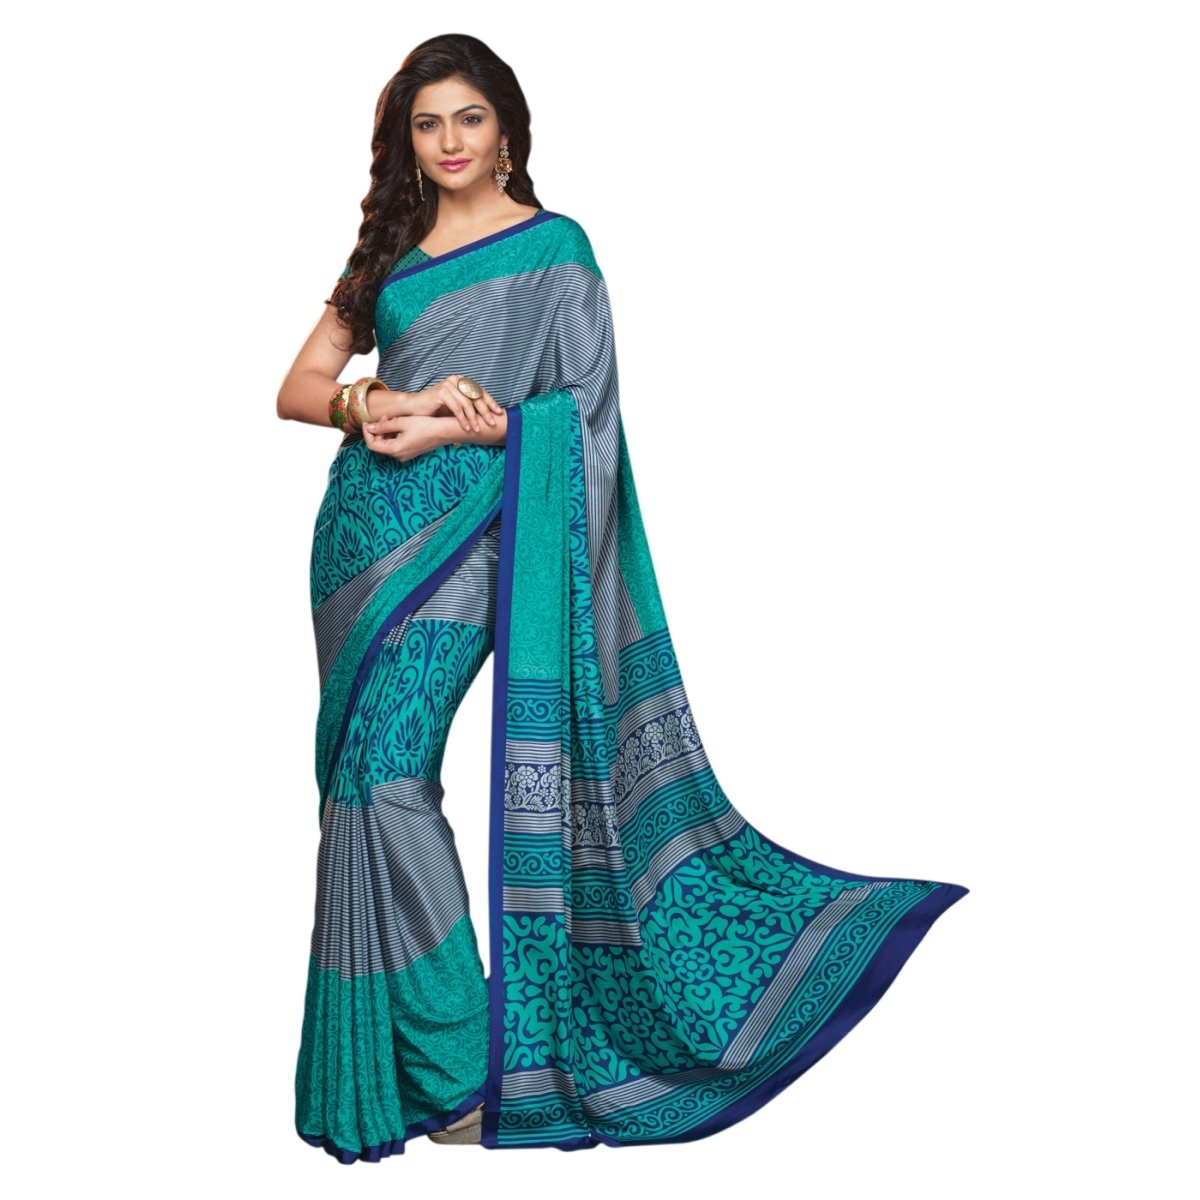 Triveni Women's Indian Grey Printed Crape Saree Sari Triveni Sarees TSRD1497